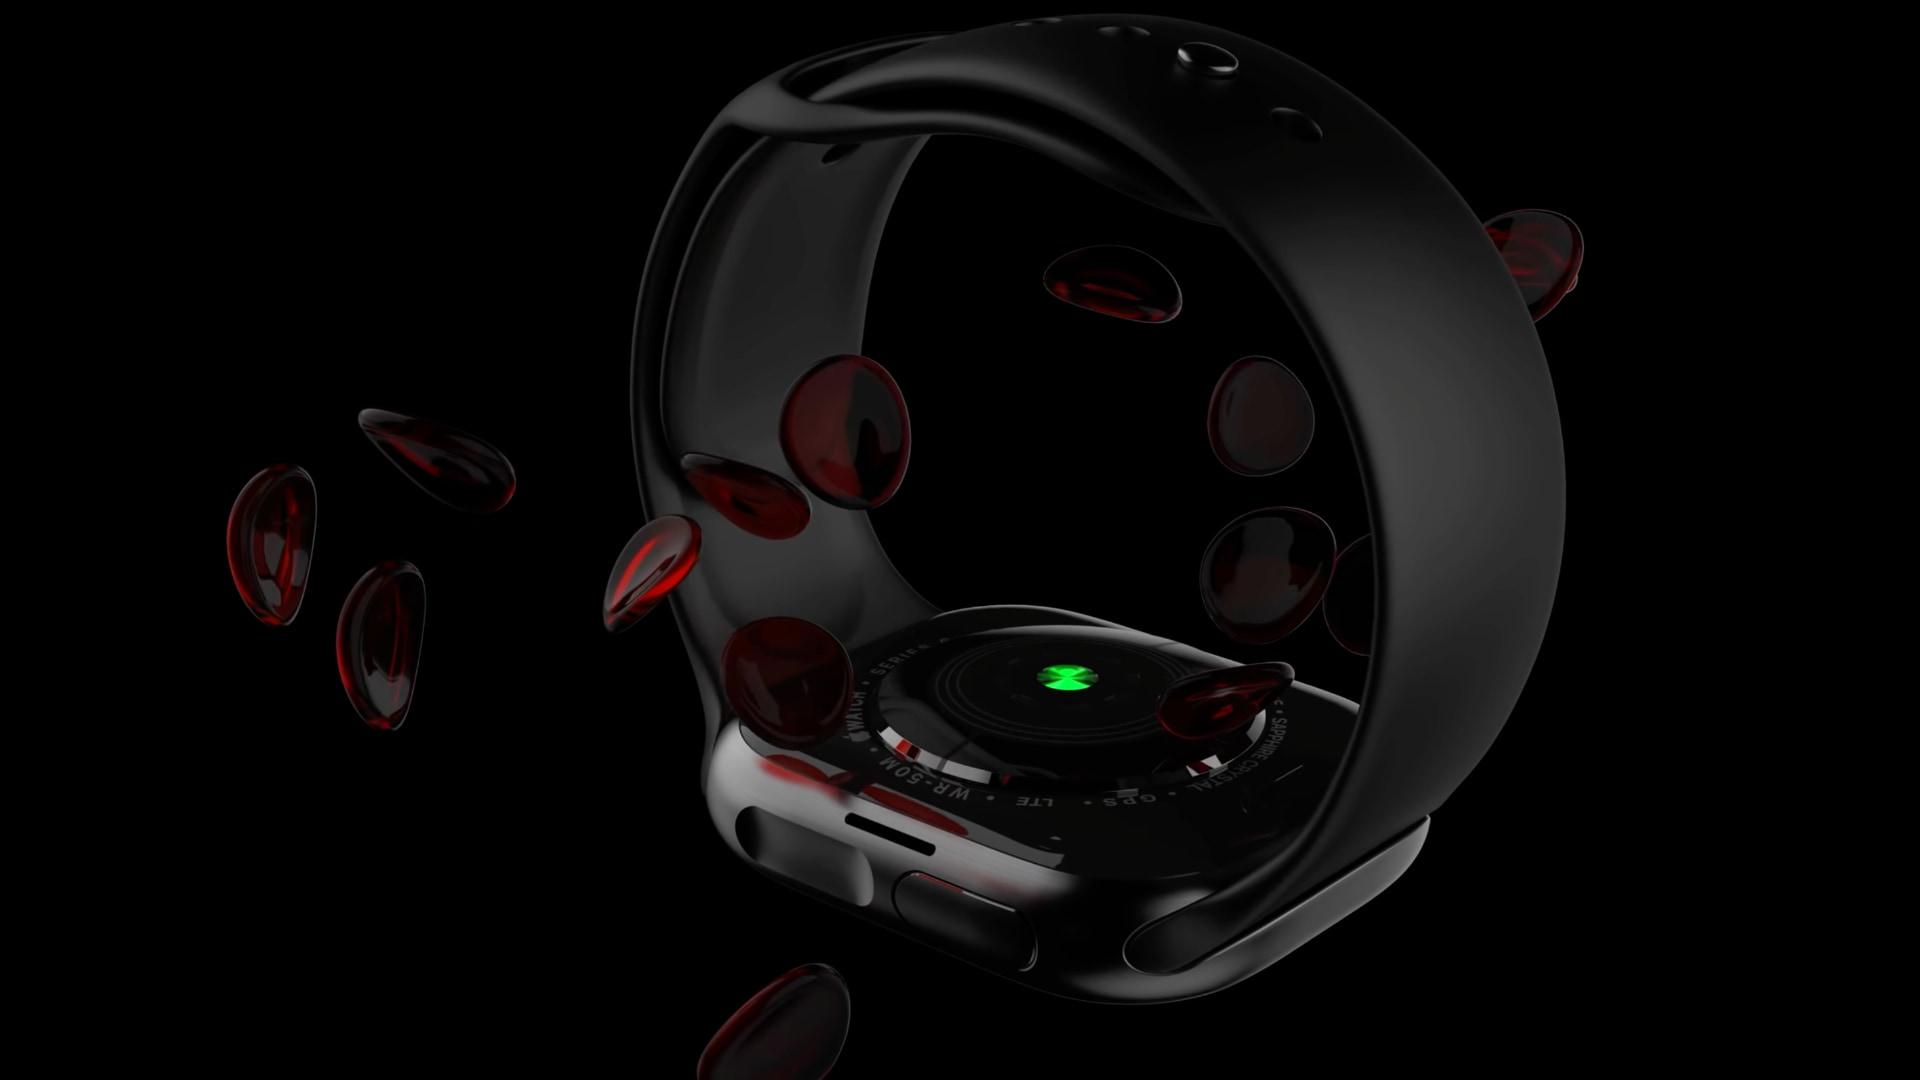 Apple sta sviluppando una nuova tecnologia per sensori di radiazioni terahertz per il monitoraggio non invasivo del glucosio